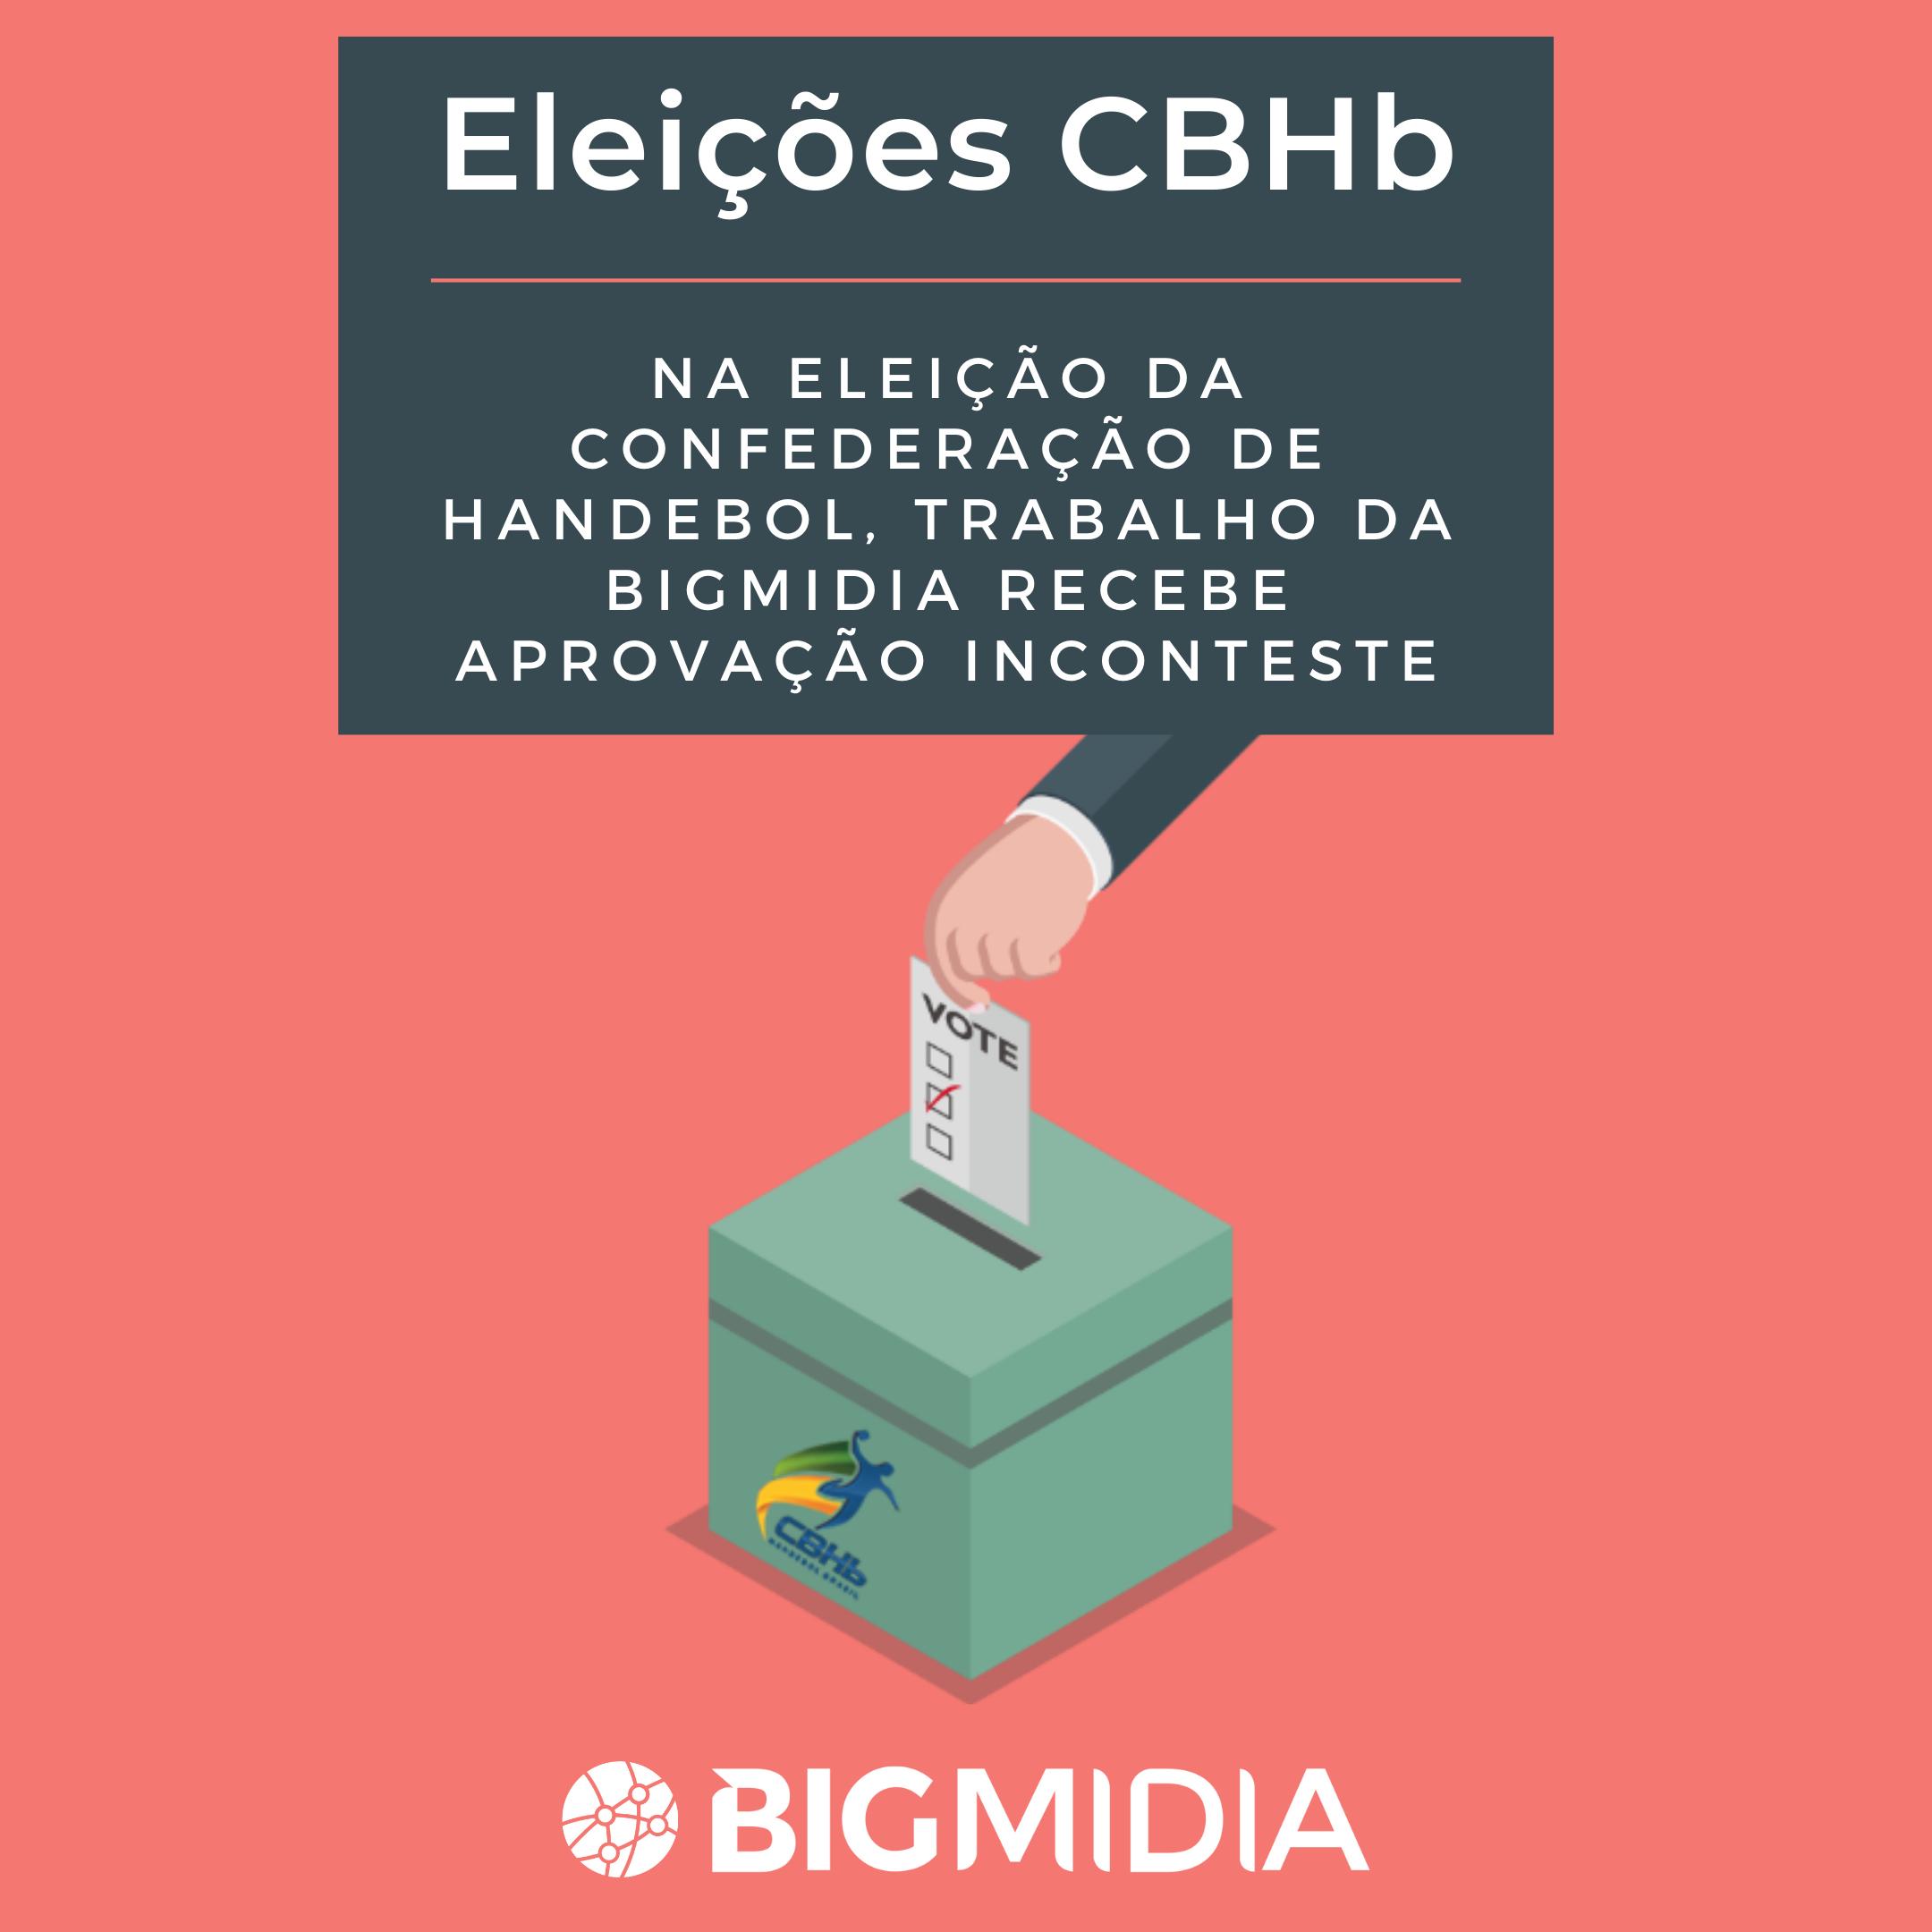 Na eleição da Confederação de Handebol, trabalho da Bigmidia recebe aprovação inconteste